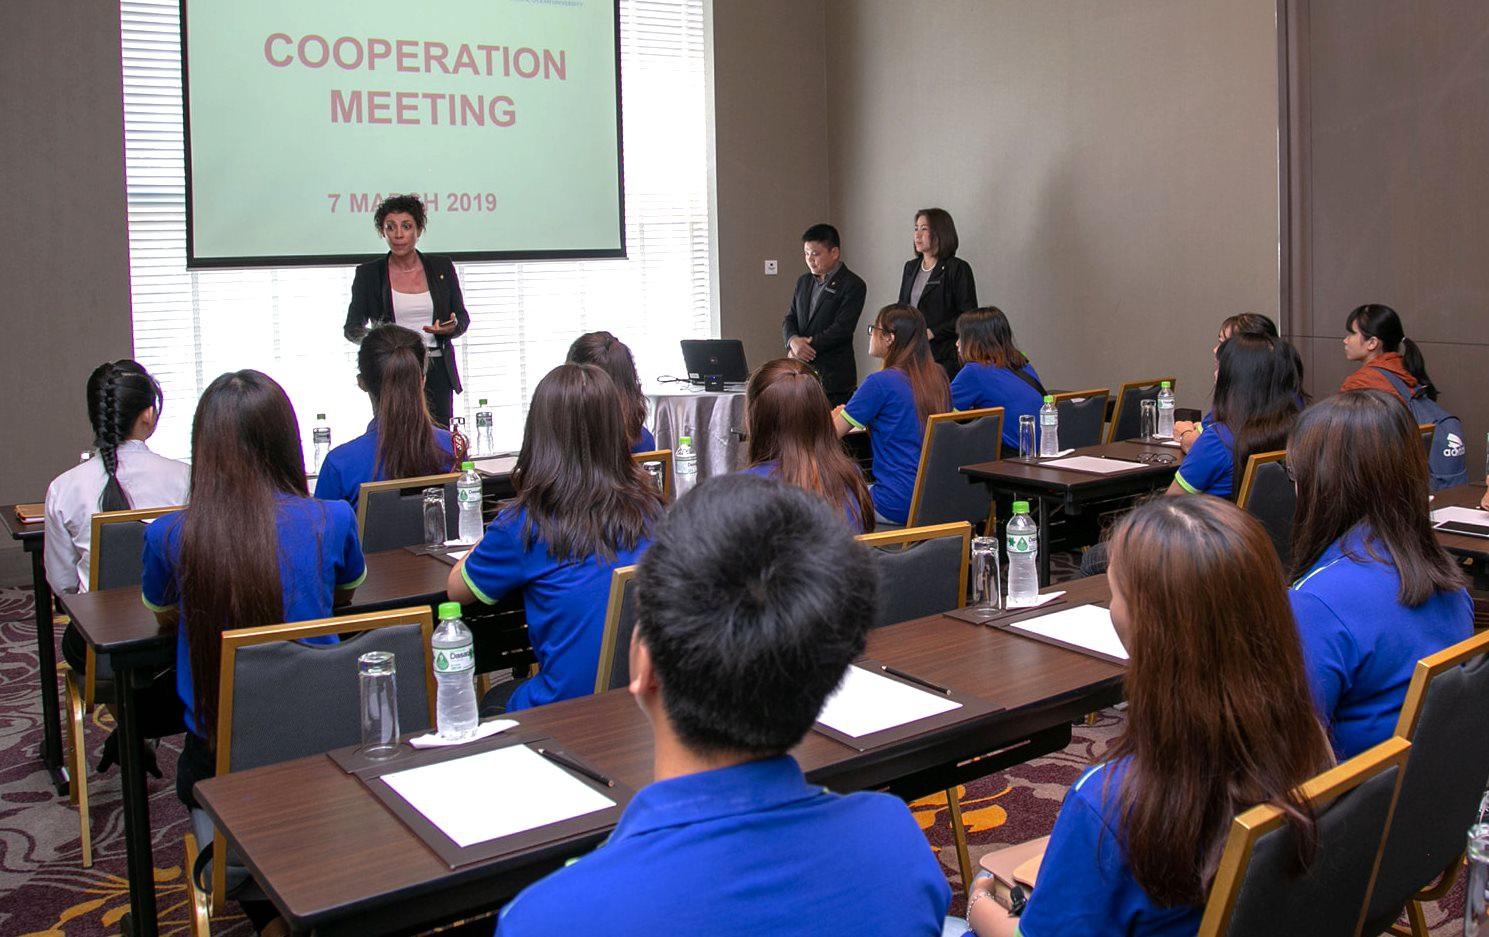 Ngành Hàn Quốc học ĐH Thái Bình Dương – Học tập với giảng viên bản xứ